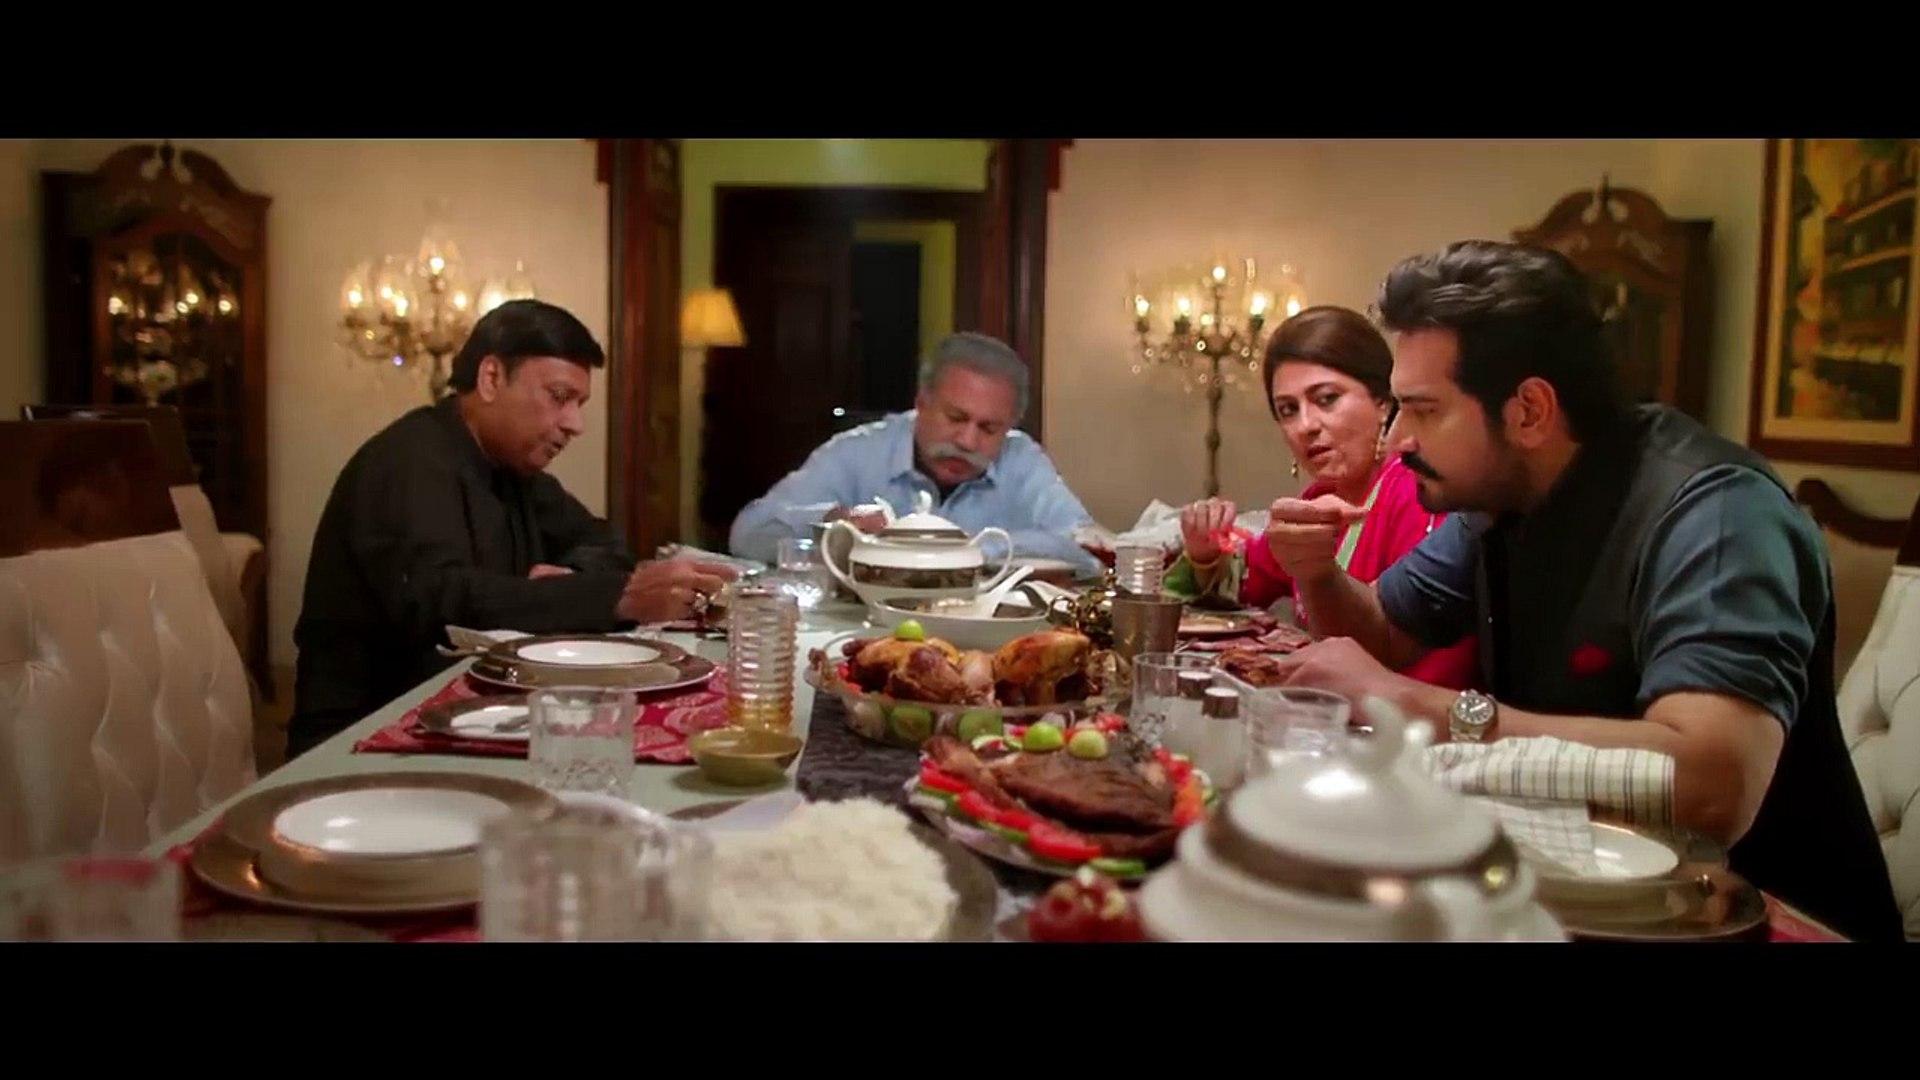 Kumkum Bhagya 7th January 2019 Episode